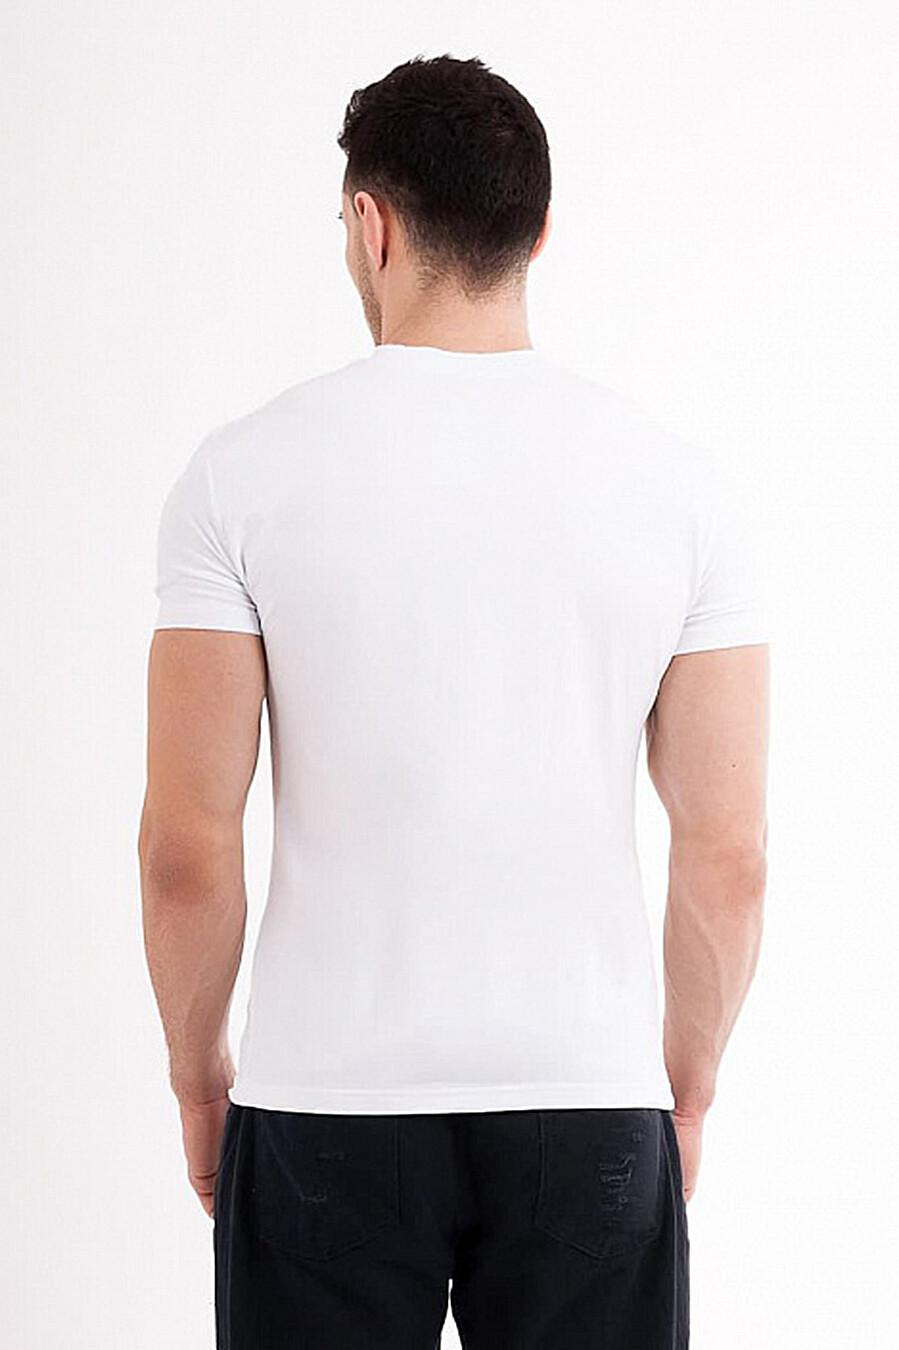 Фуфайка для мужчин MARK FORMELLE 218293 купить оптом от производителя. Совместная покупка мужской одежды в OptMoyo